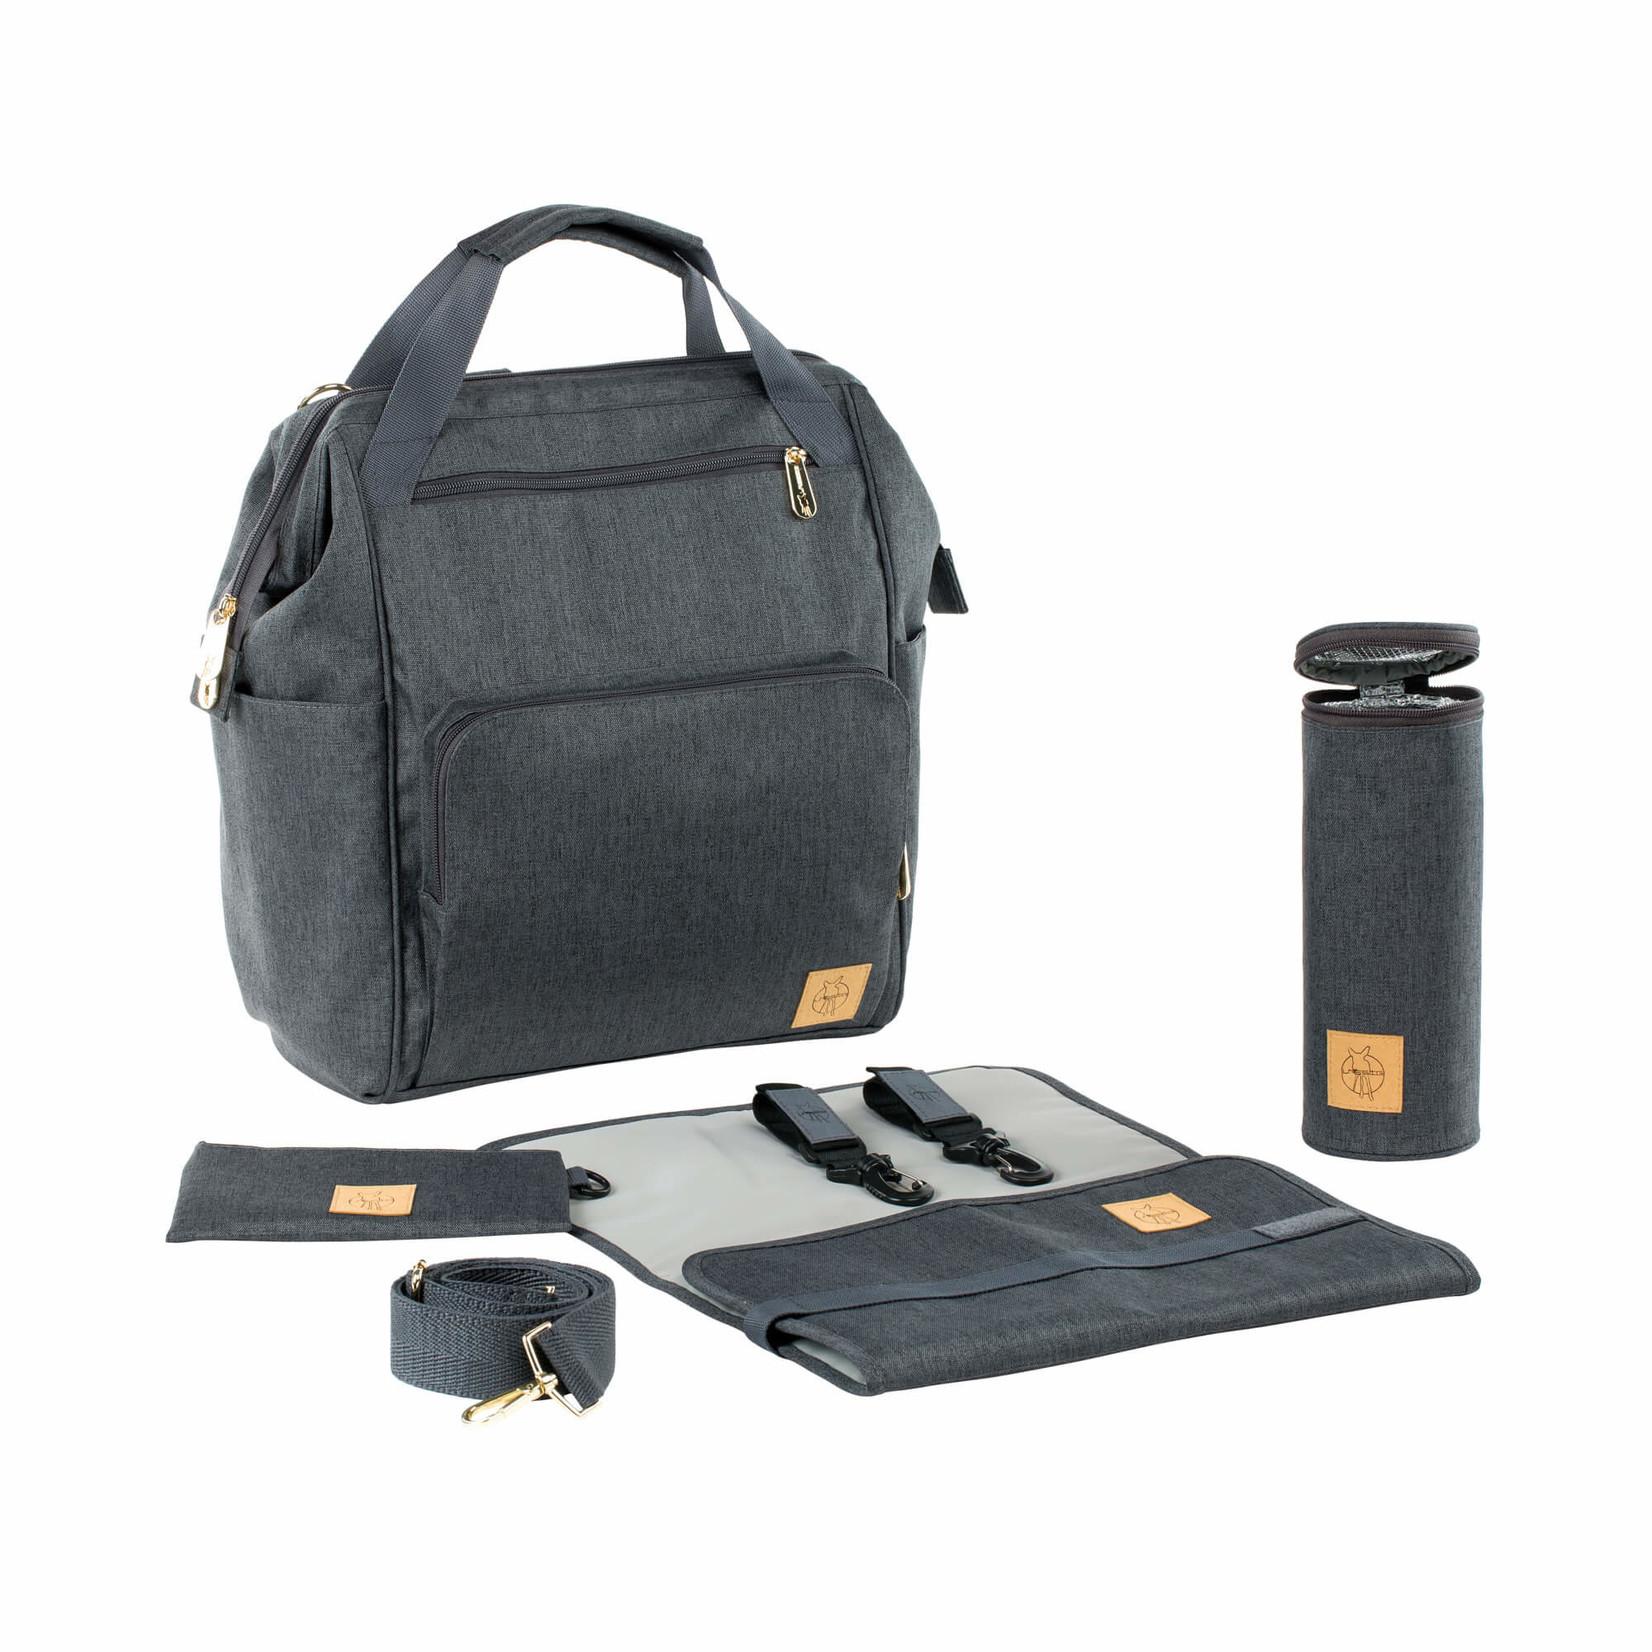 Lässig Fashion Praktischer Wickeltaschen-Rucksack in Anthrazit